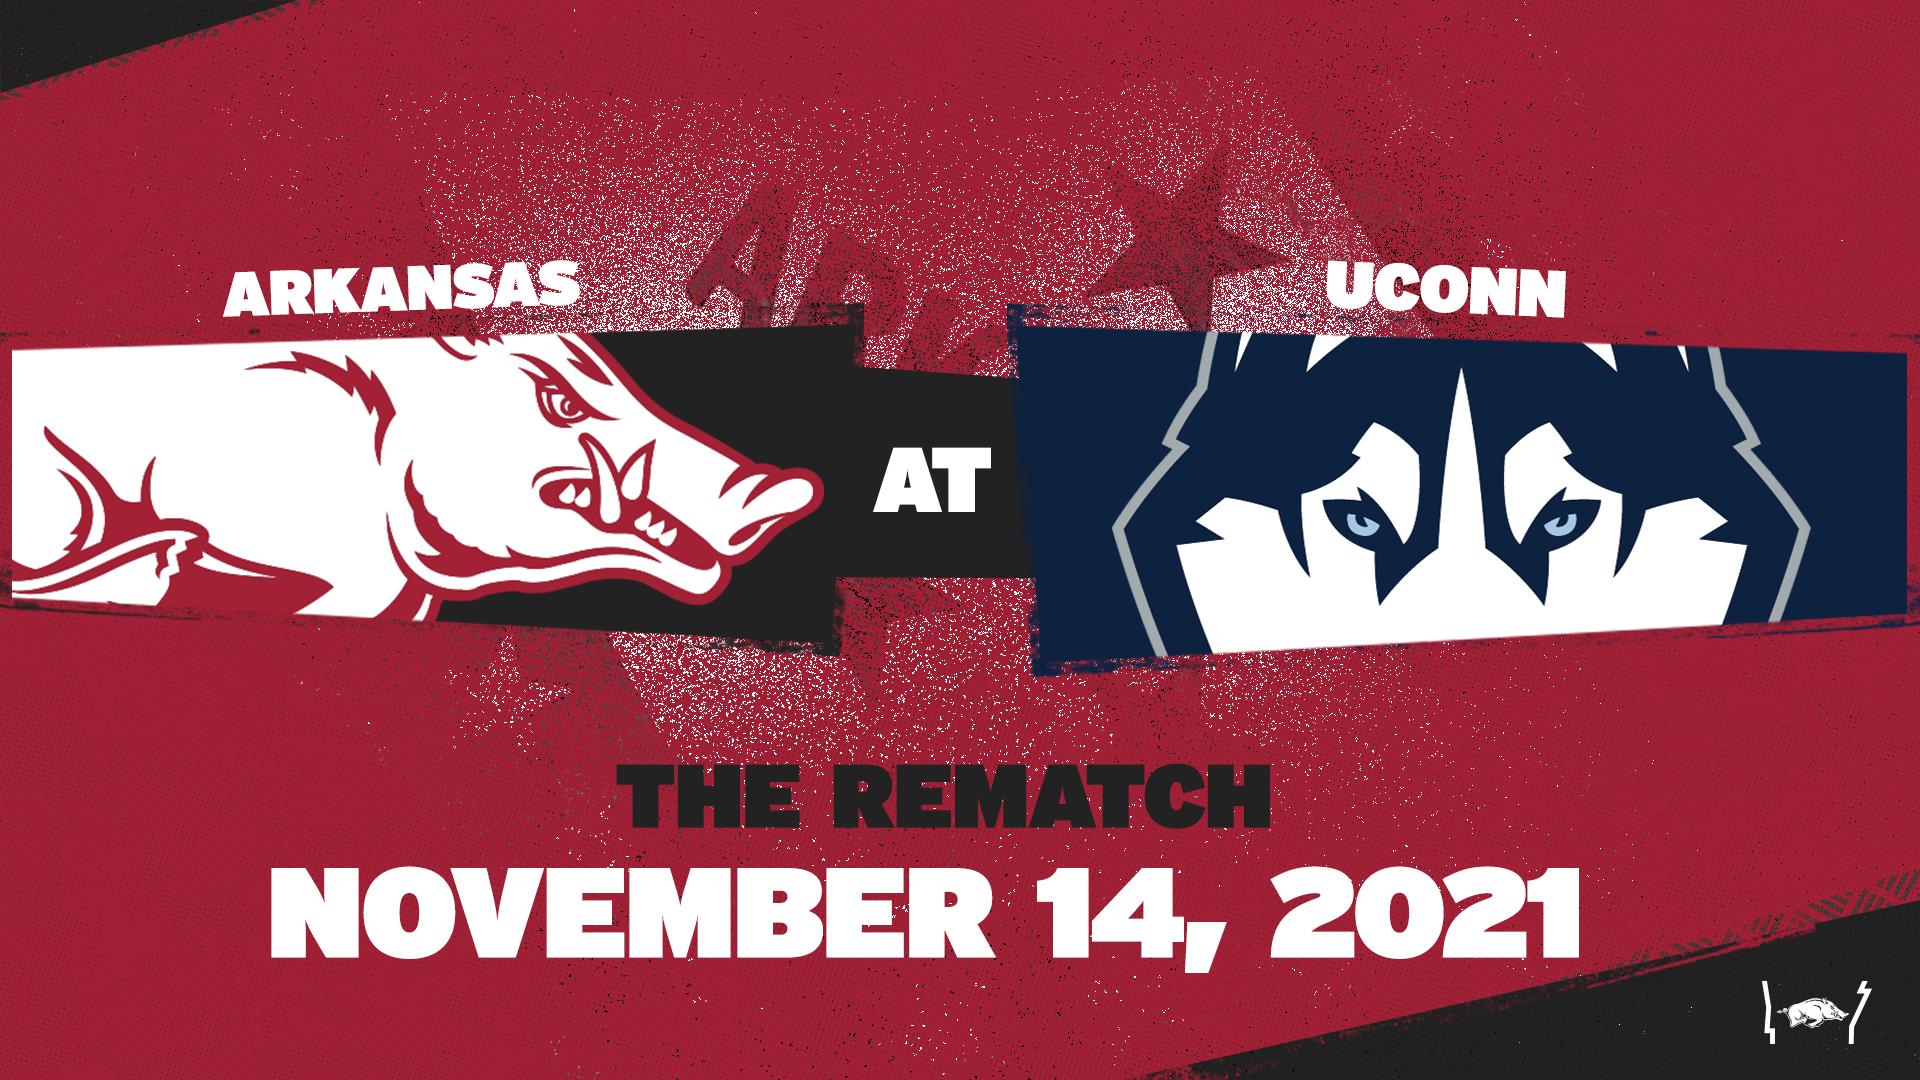 UConn Rematch Set for November 14